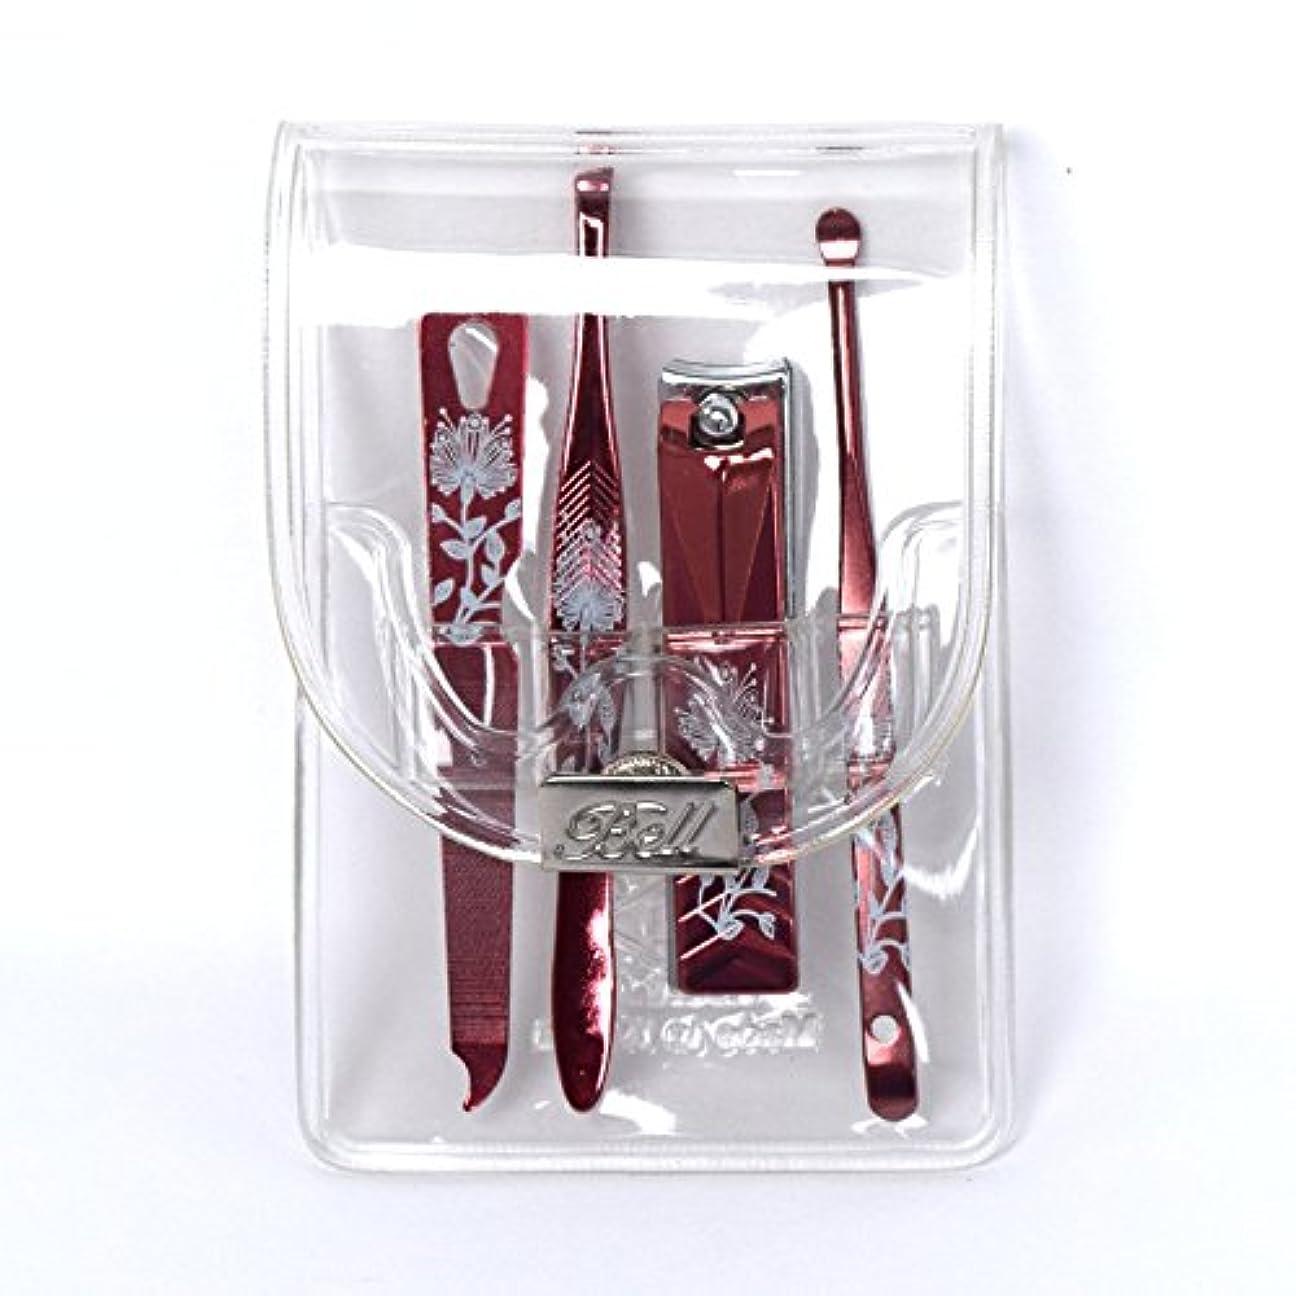 夫婦いちゃつくマーガレットミッチェルBELL Manicure Sets BM-991C ポータブル爪ケアセットトラベル爪切りセットステンレス鋼の失速構成透明高周波ケースPortable Nail Clippers Nail Care Set